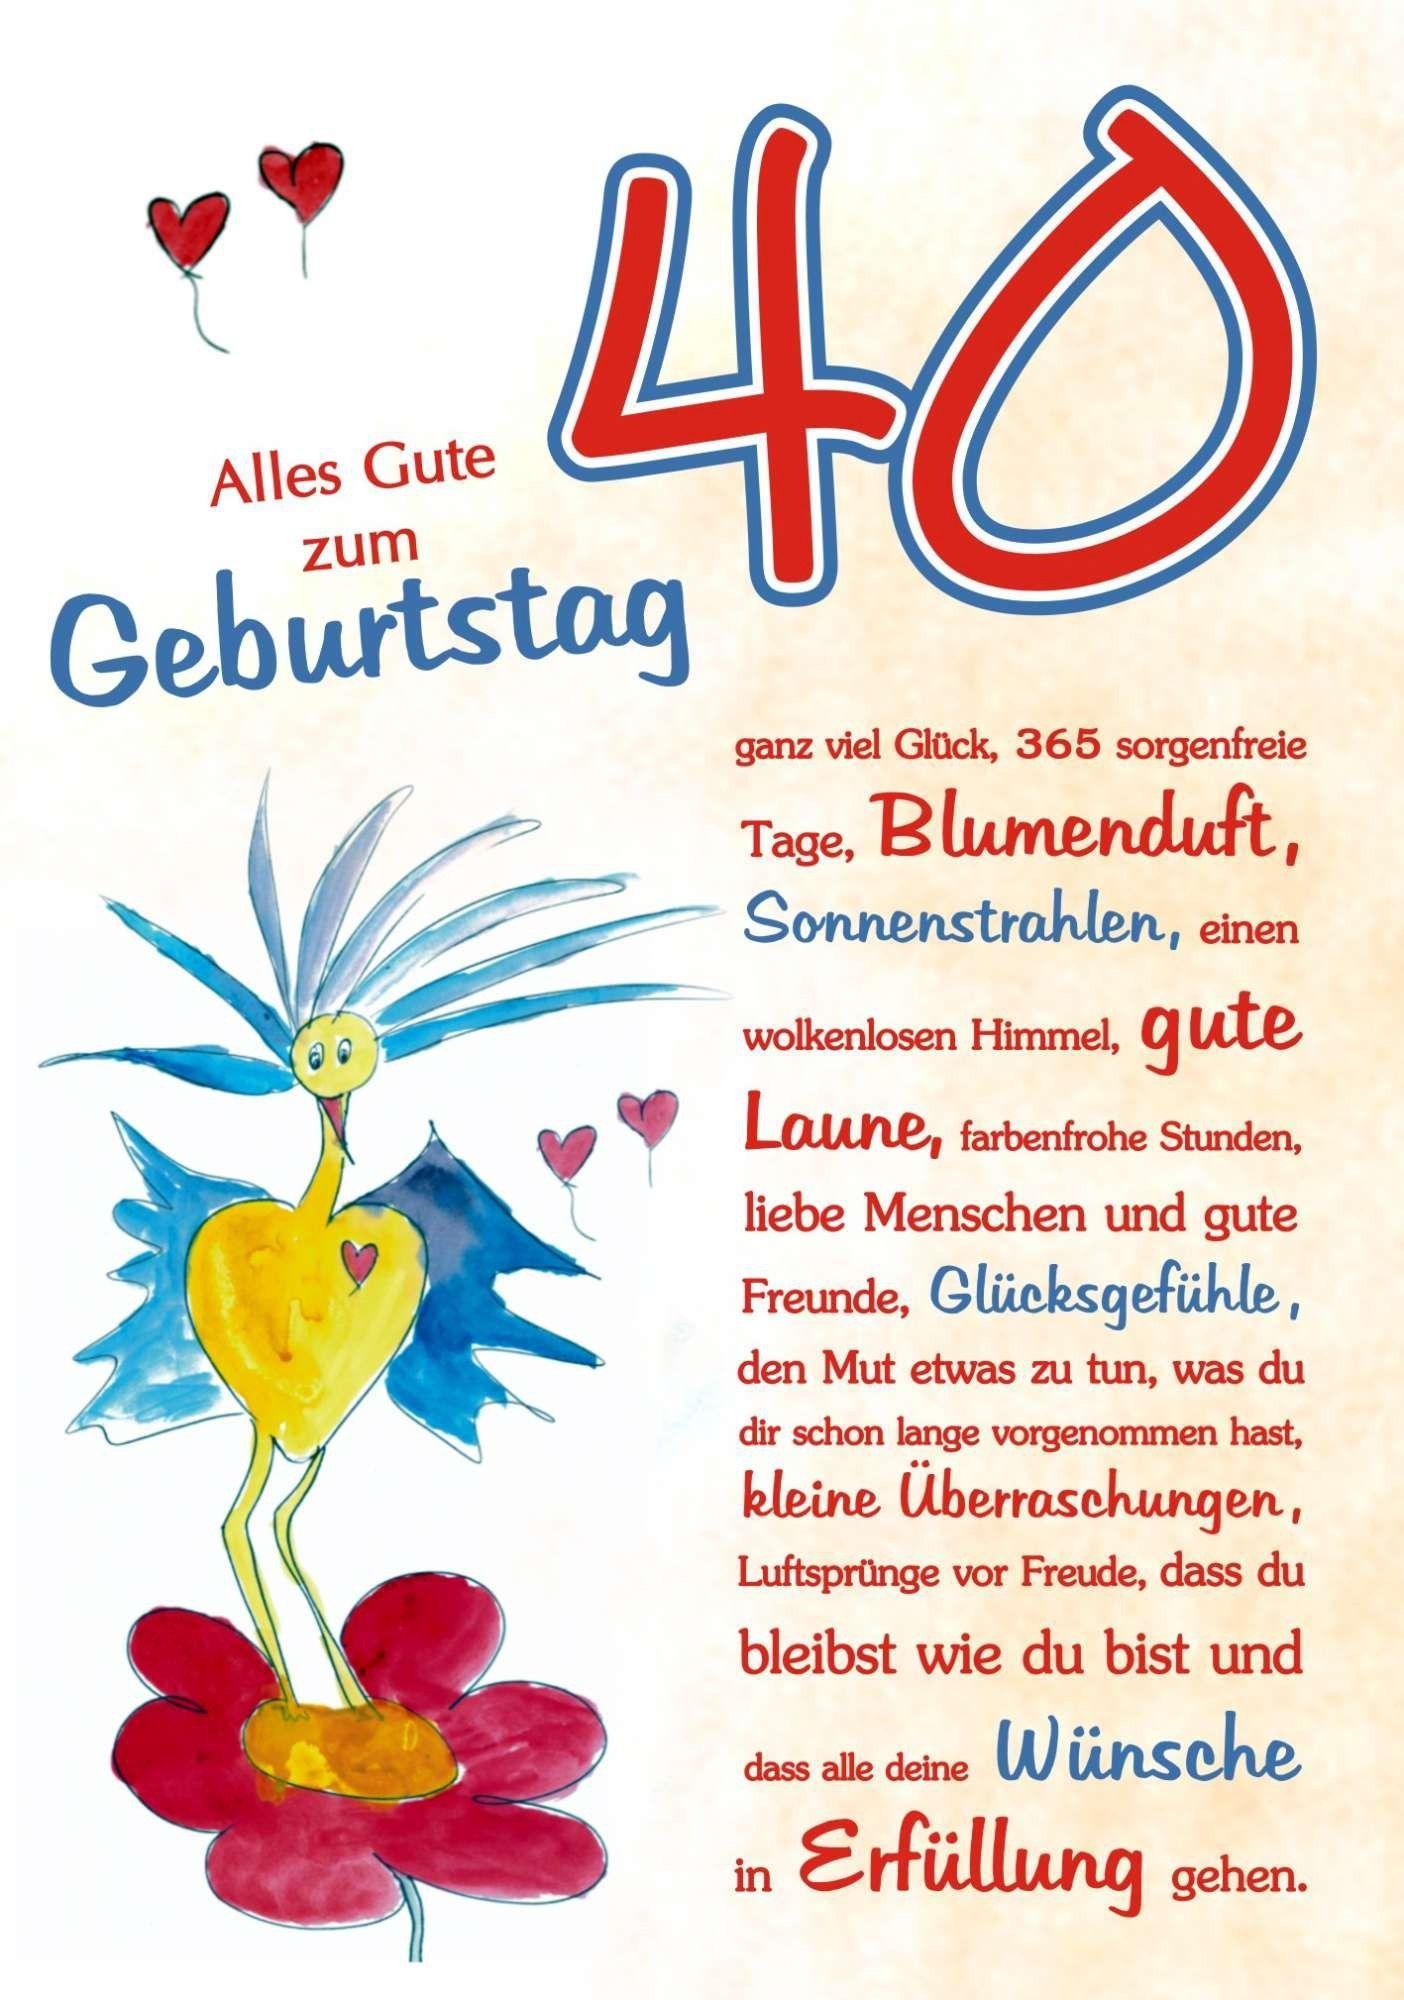 Bilder Von 40 Geburtstag40 Geburtstag Bilder Whatsapp bei Geburtstagsgrüße Bilder Kostenlos